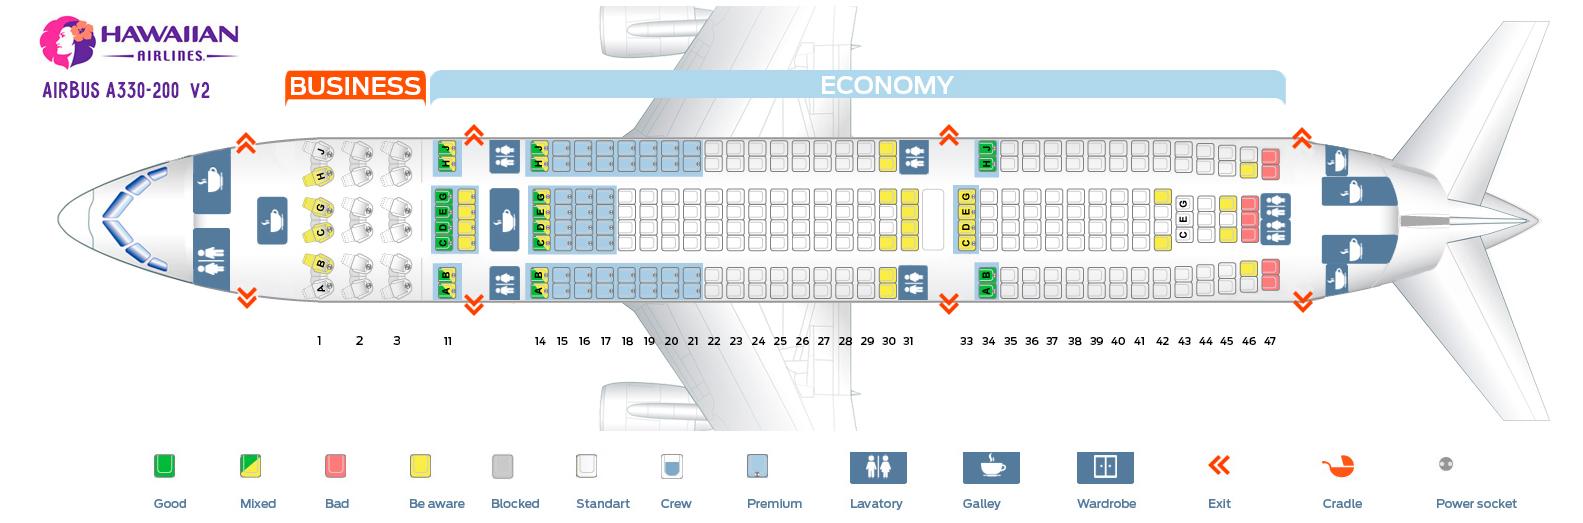 Top 10 Punto Medio Noticias A330 Seat Map Virgin